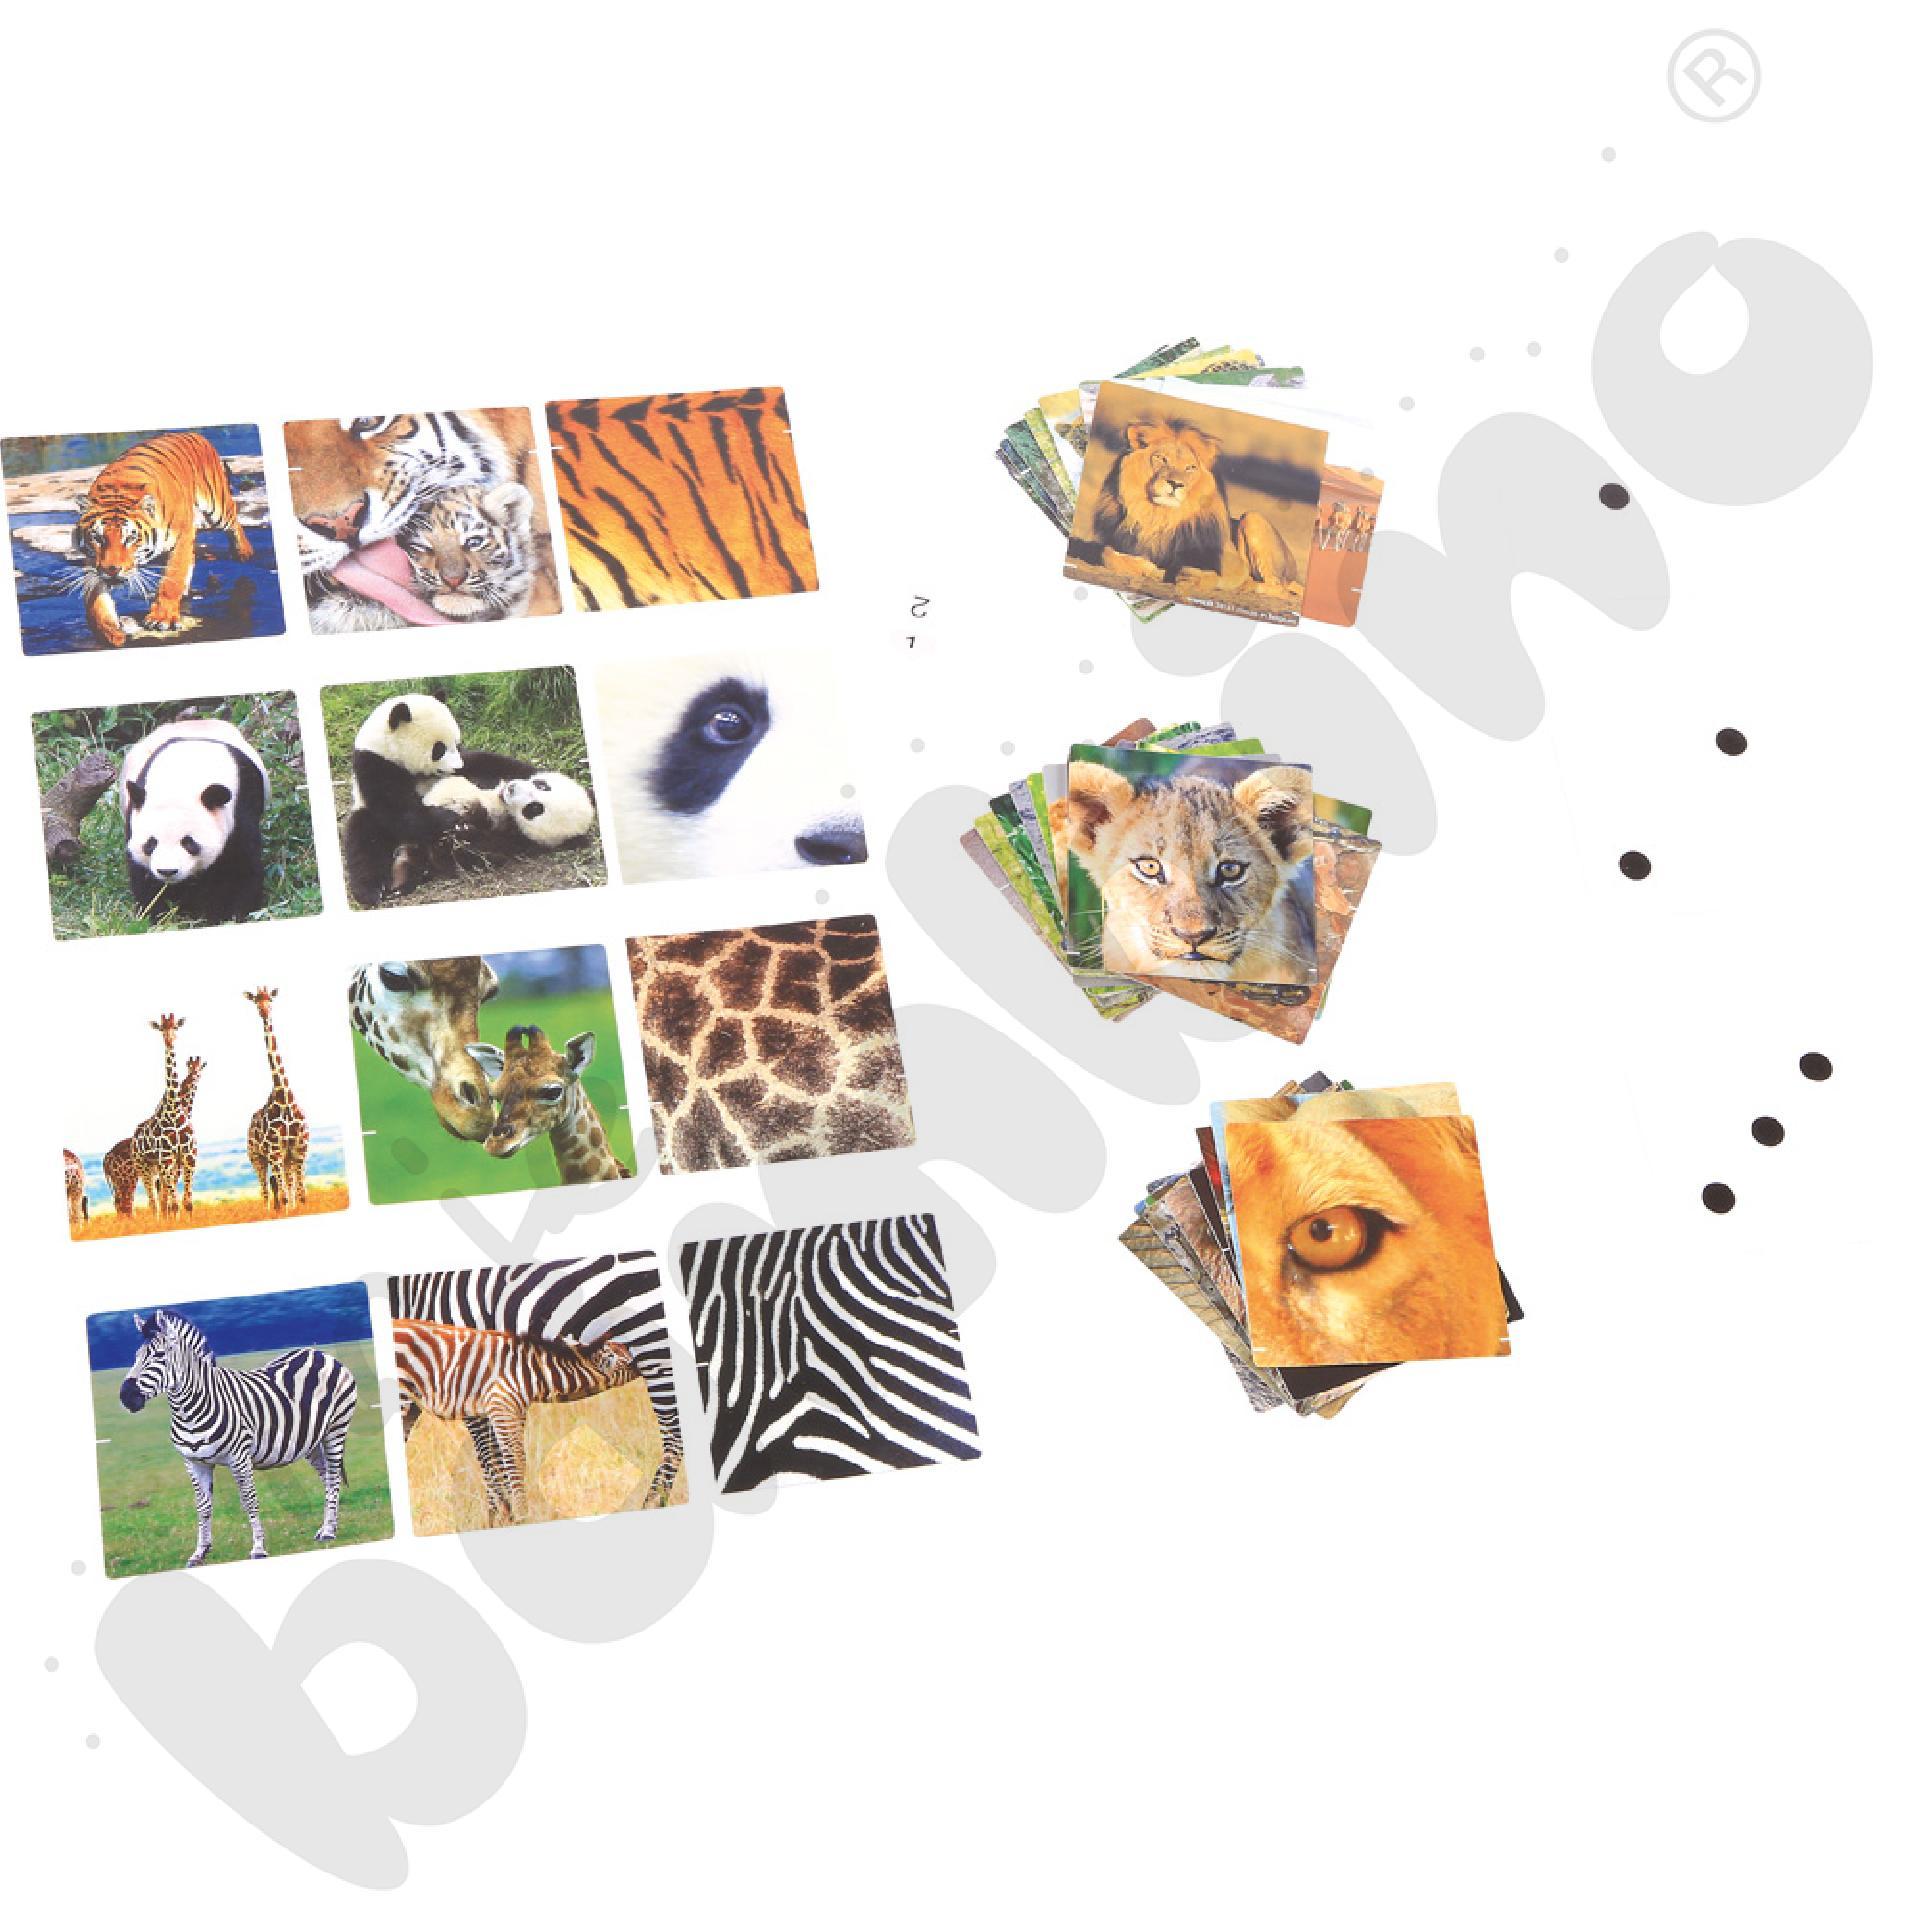 Zdjęcia zwierząt